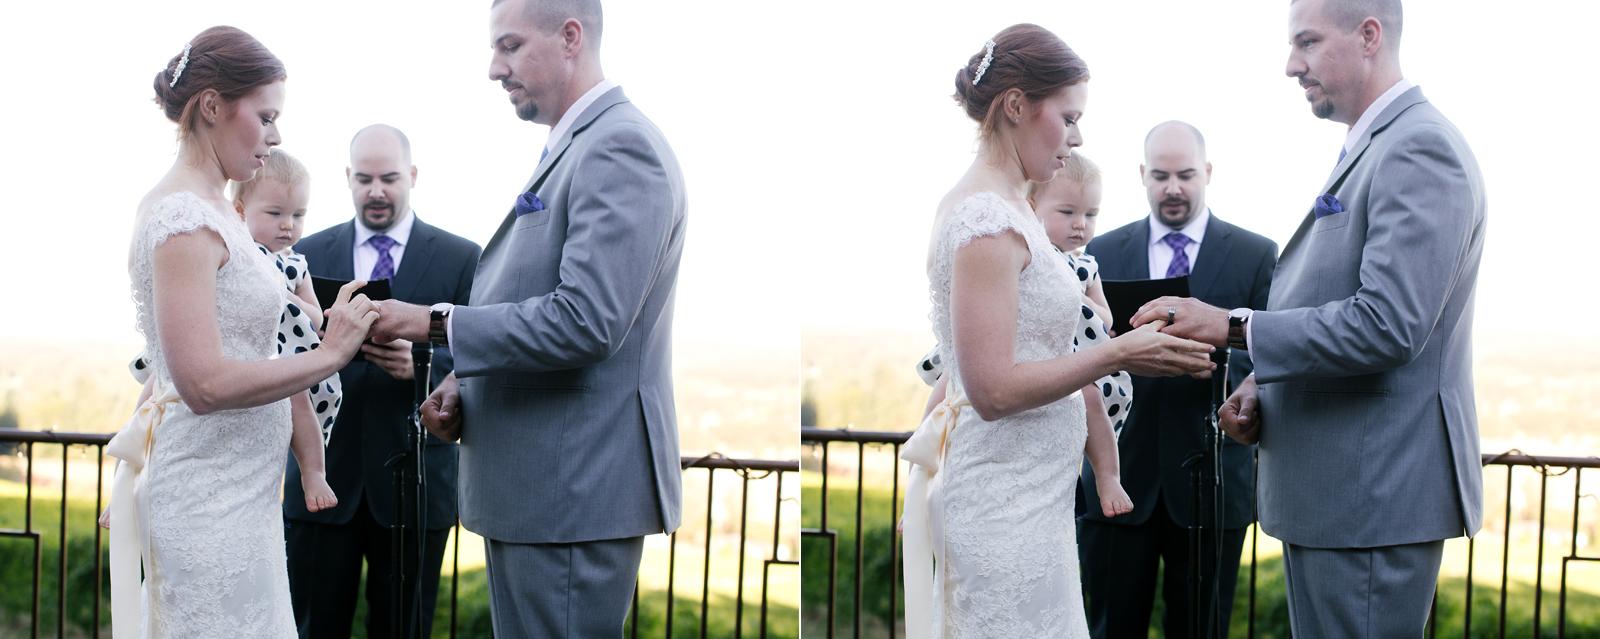 032-daronjackson-rich-wedding.jpg